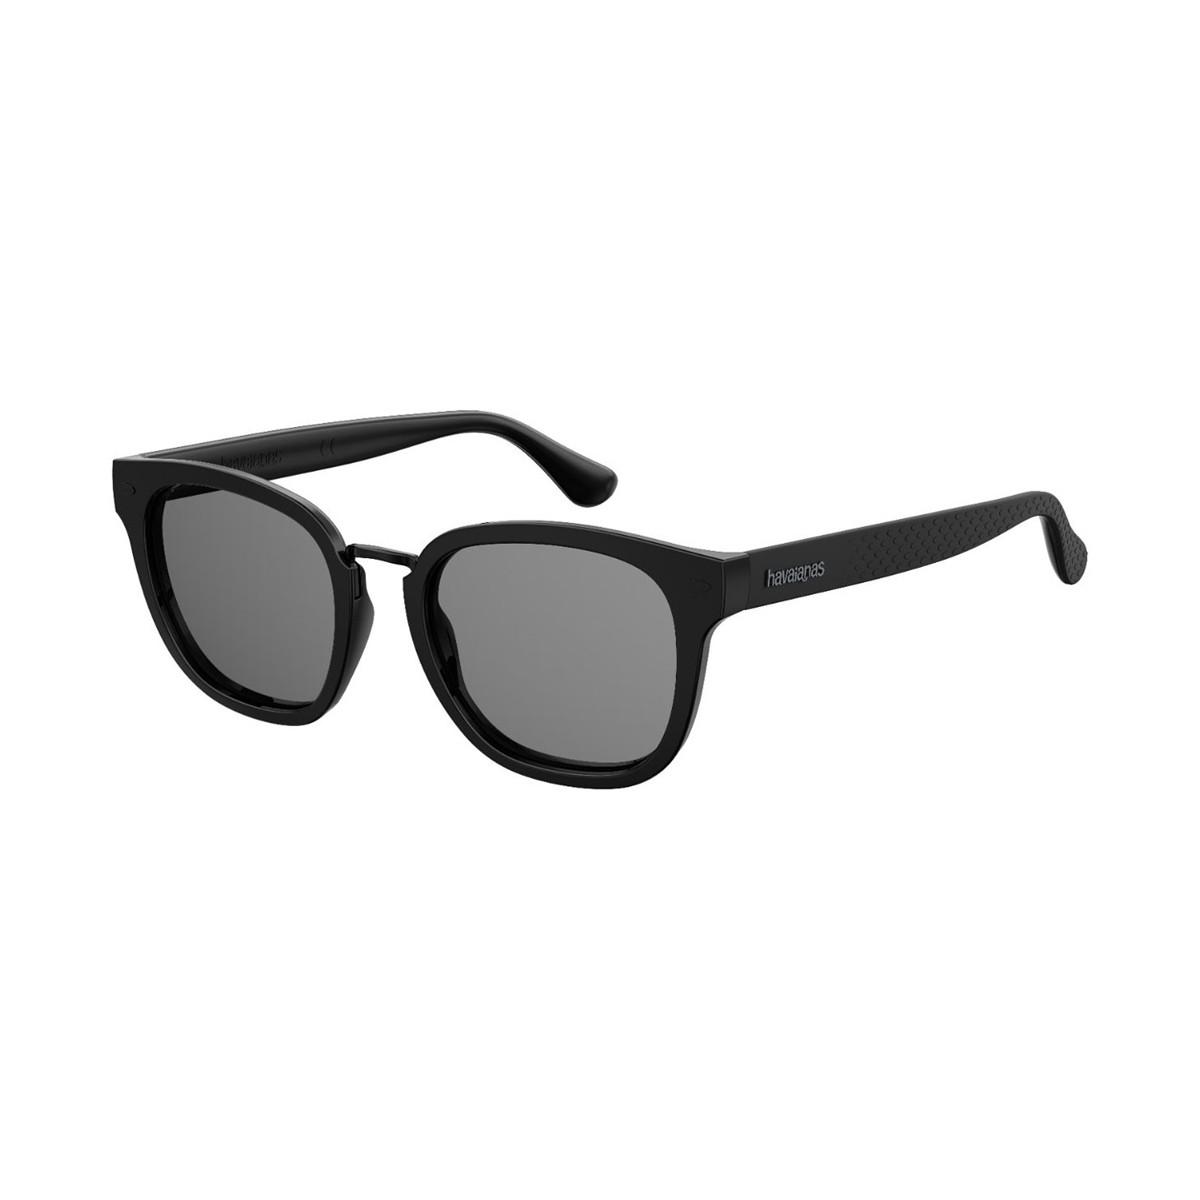 Havaianas Guaeca   Men's sunglasses